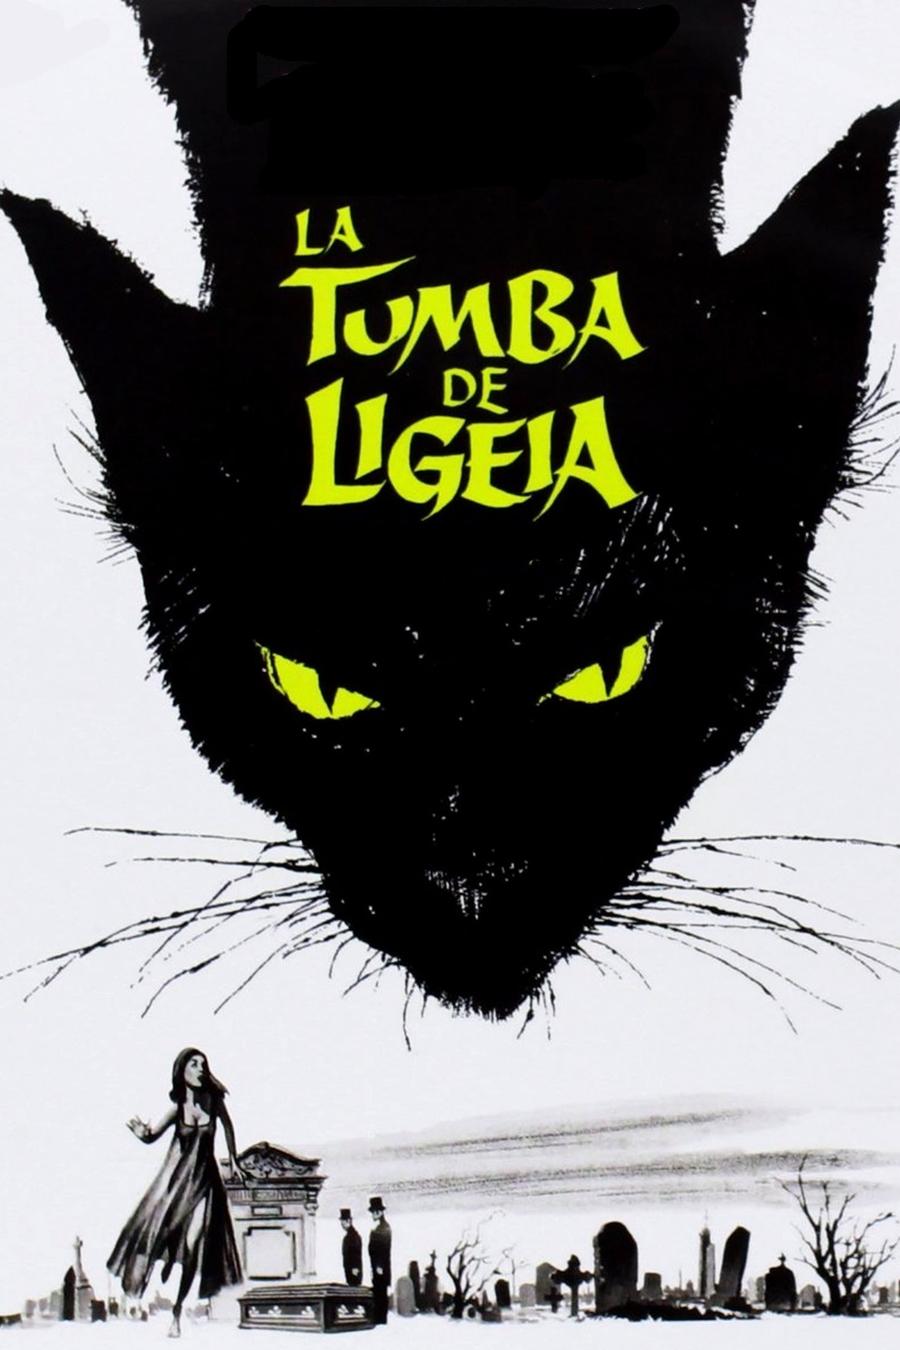 La tumba de Ligeia